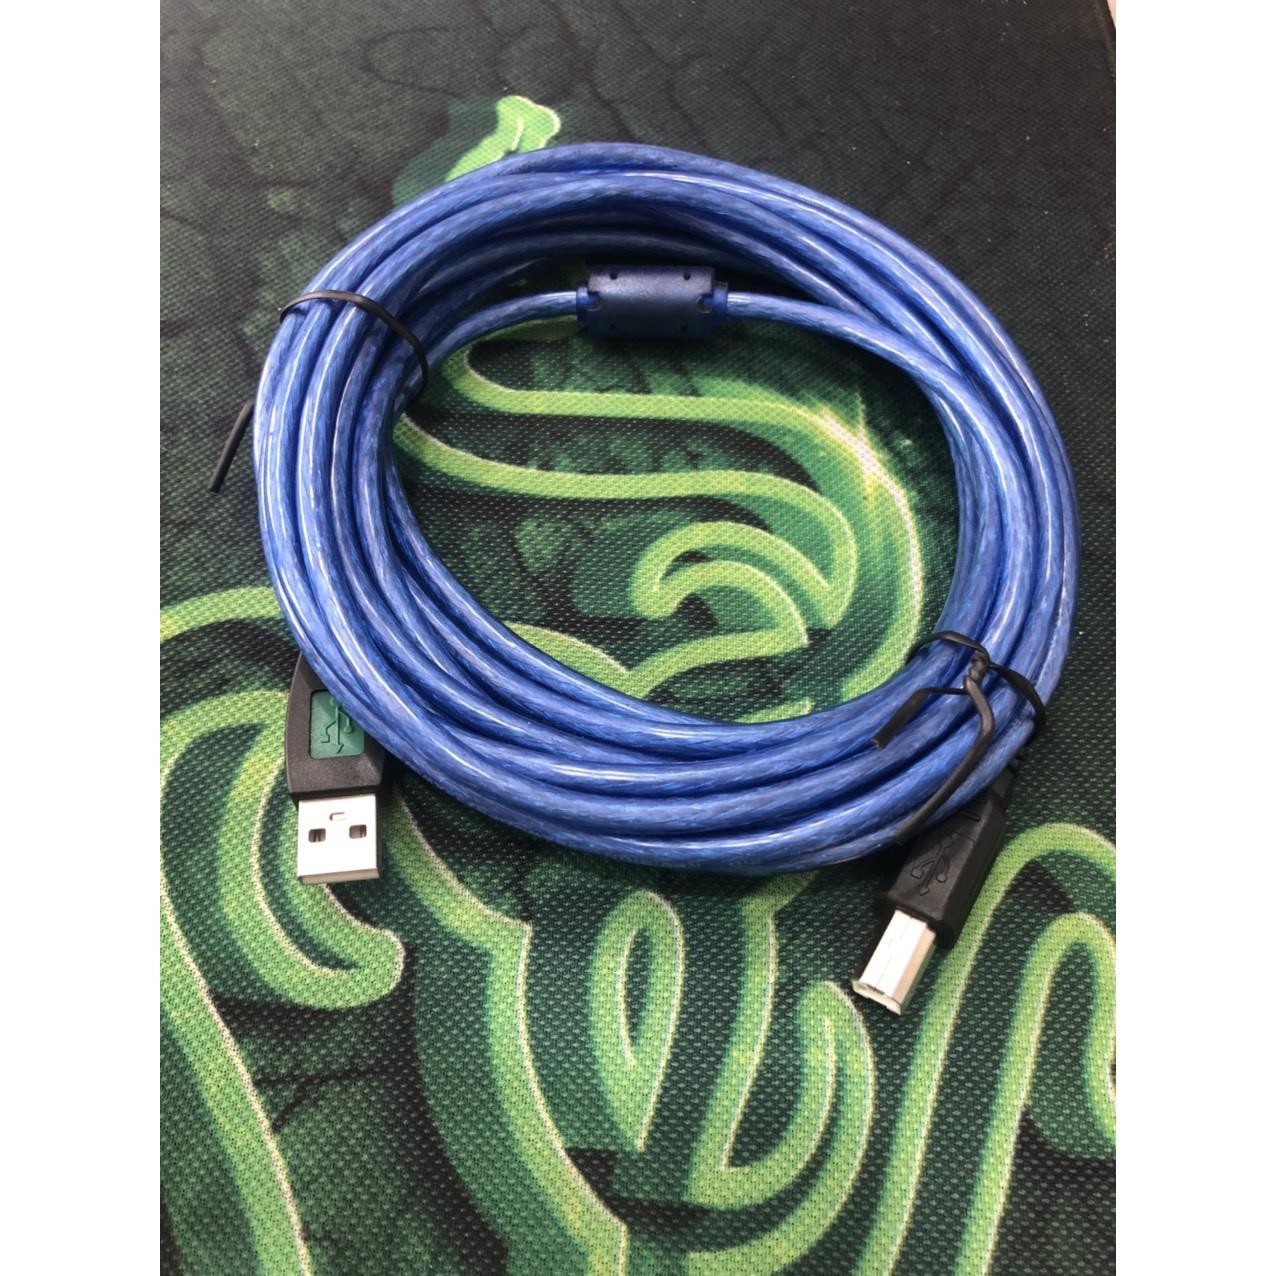 Cáp usb máy in màu xanh dài 5 mét